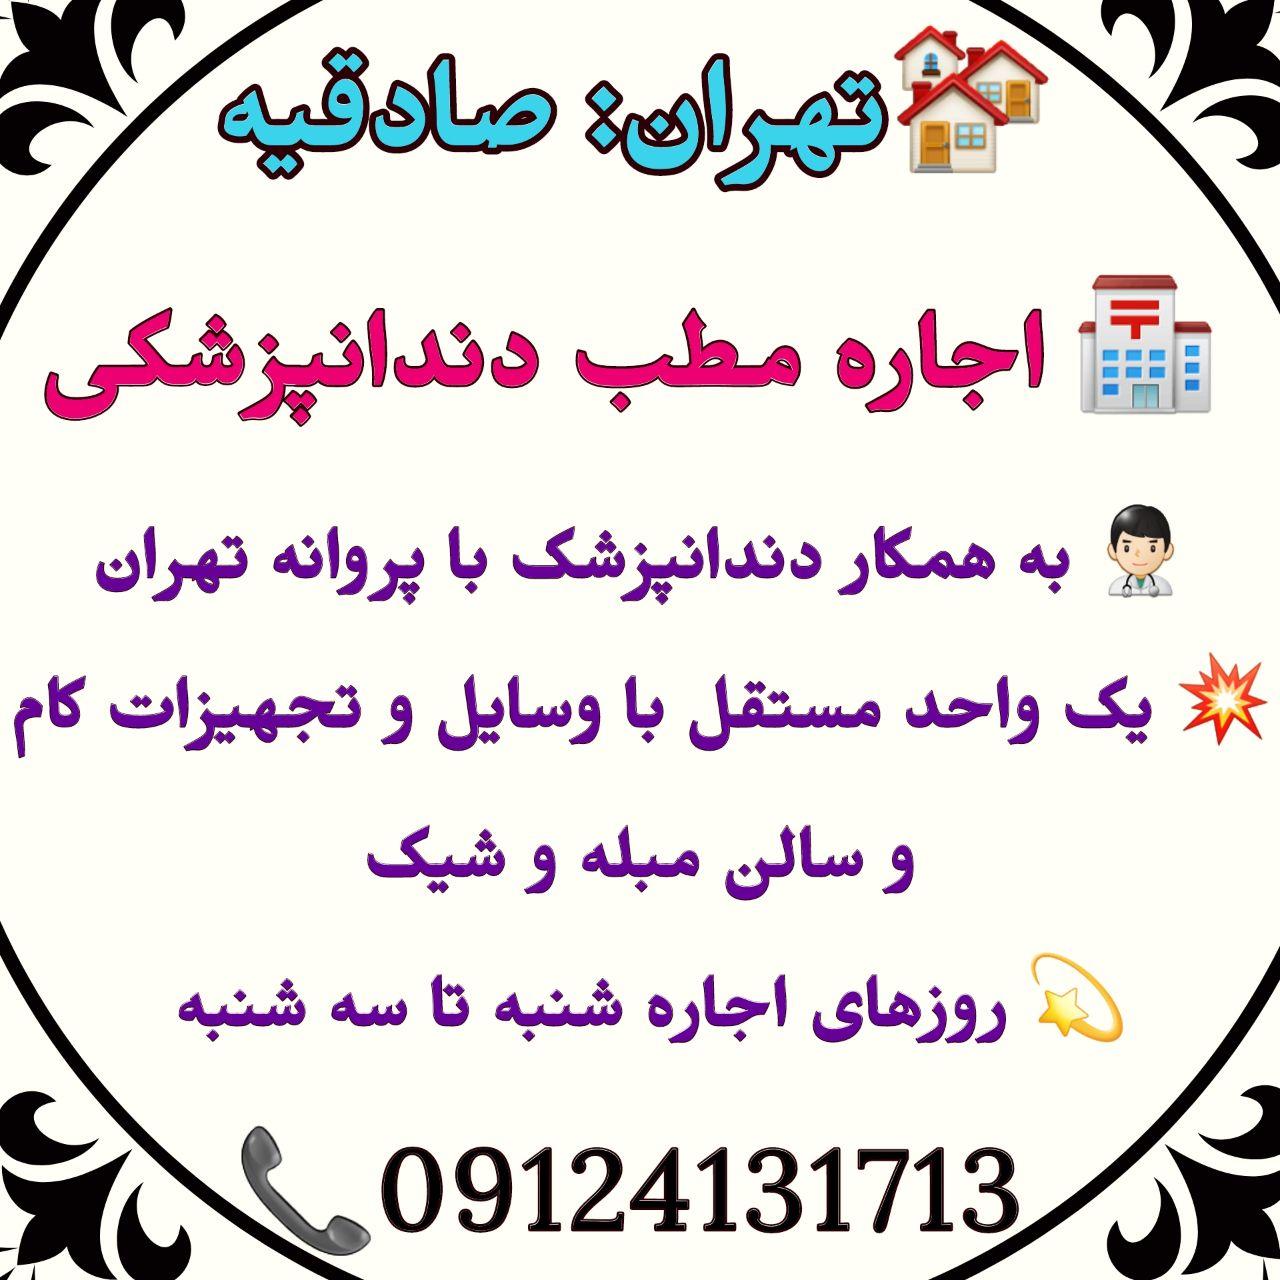 تهران: صادقیه، اجاره مطب دندانپزشکی